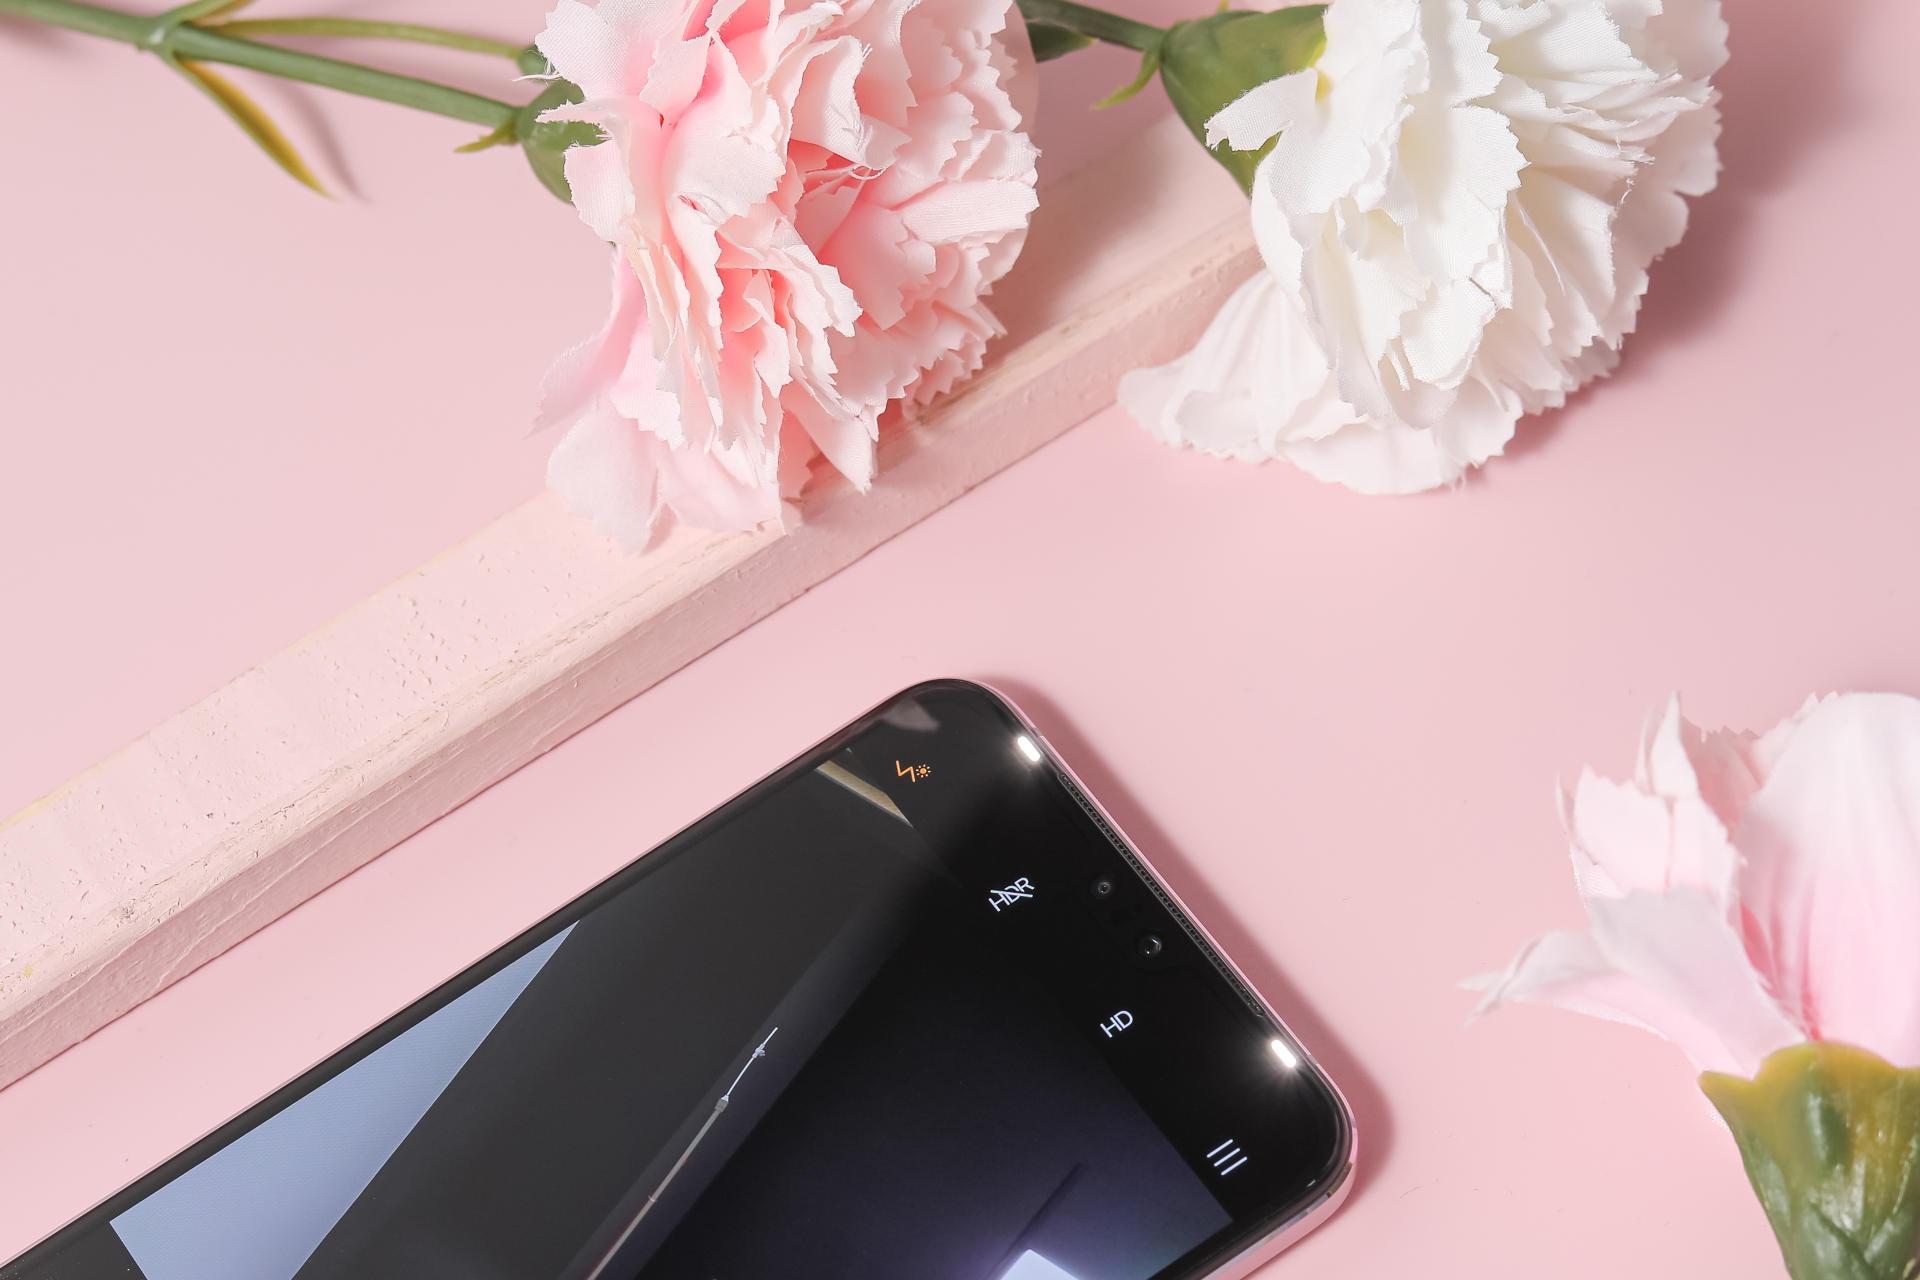 vivo S9外观评测:变幻莫测的色彩呈现,机身极致轻薄